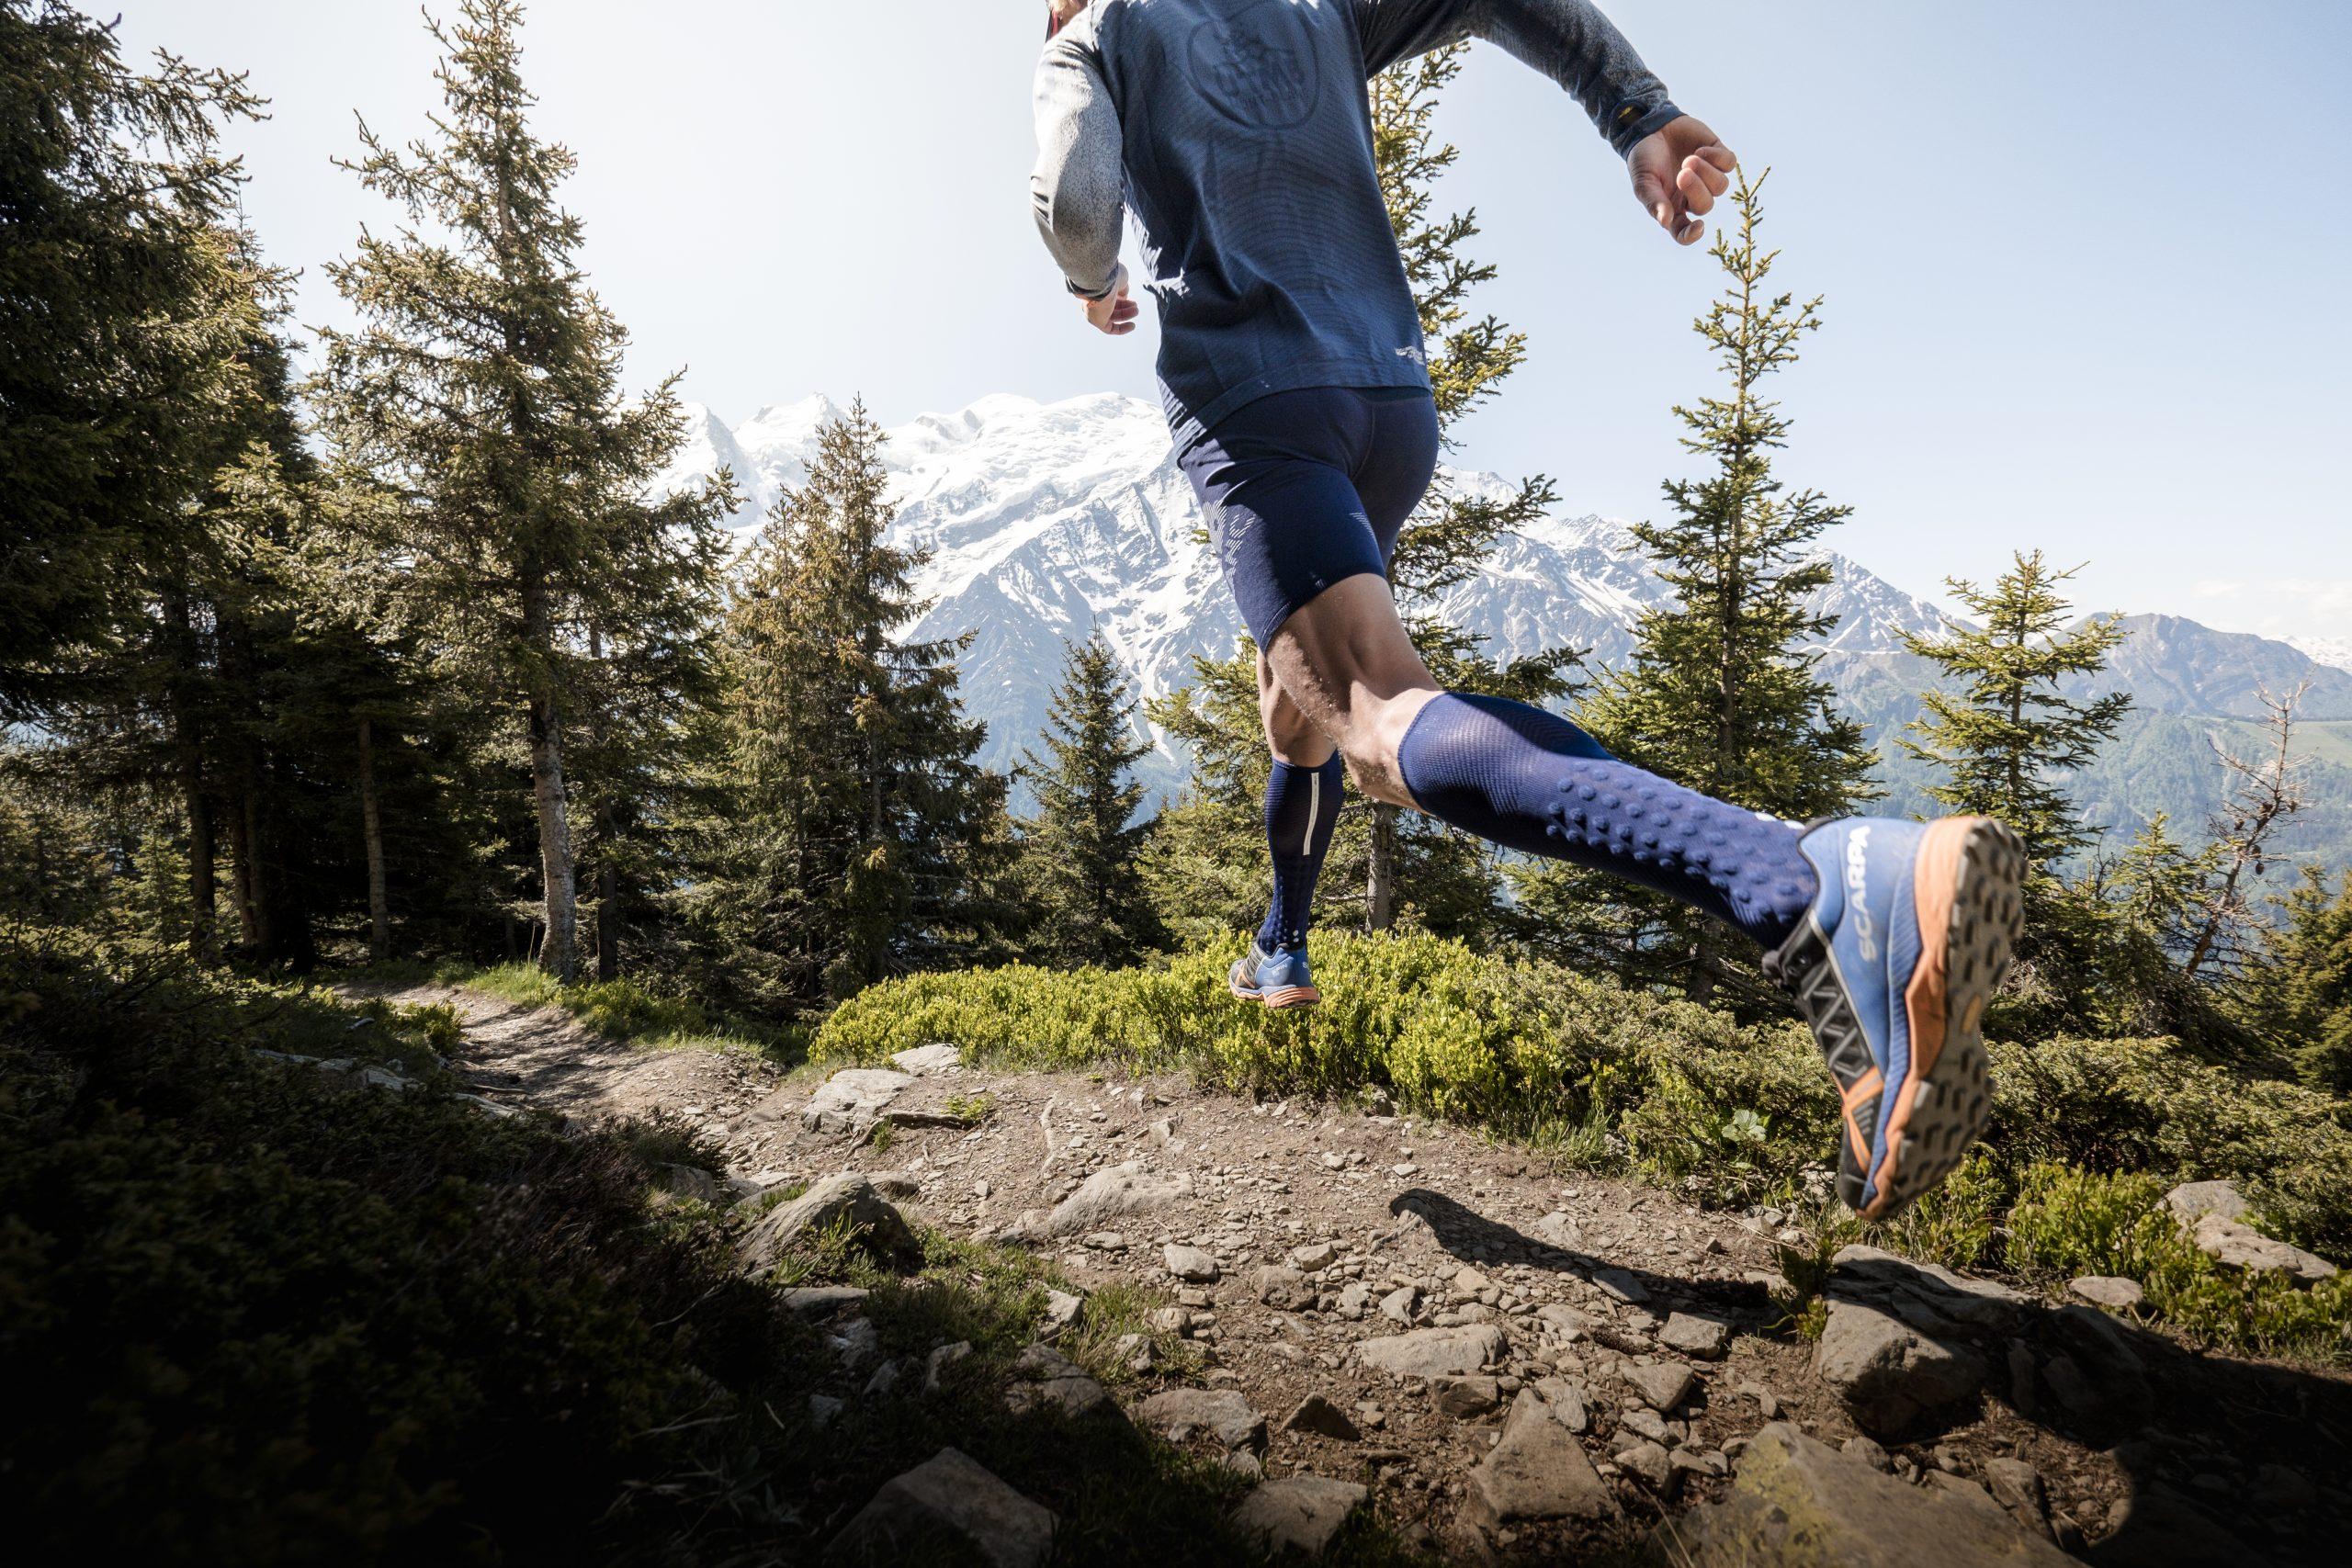 Vêtements de sport outdoor Compressport, marque partenaire de l'Ultra Trail du Mont Blanc.